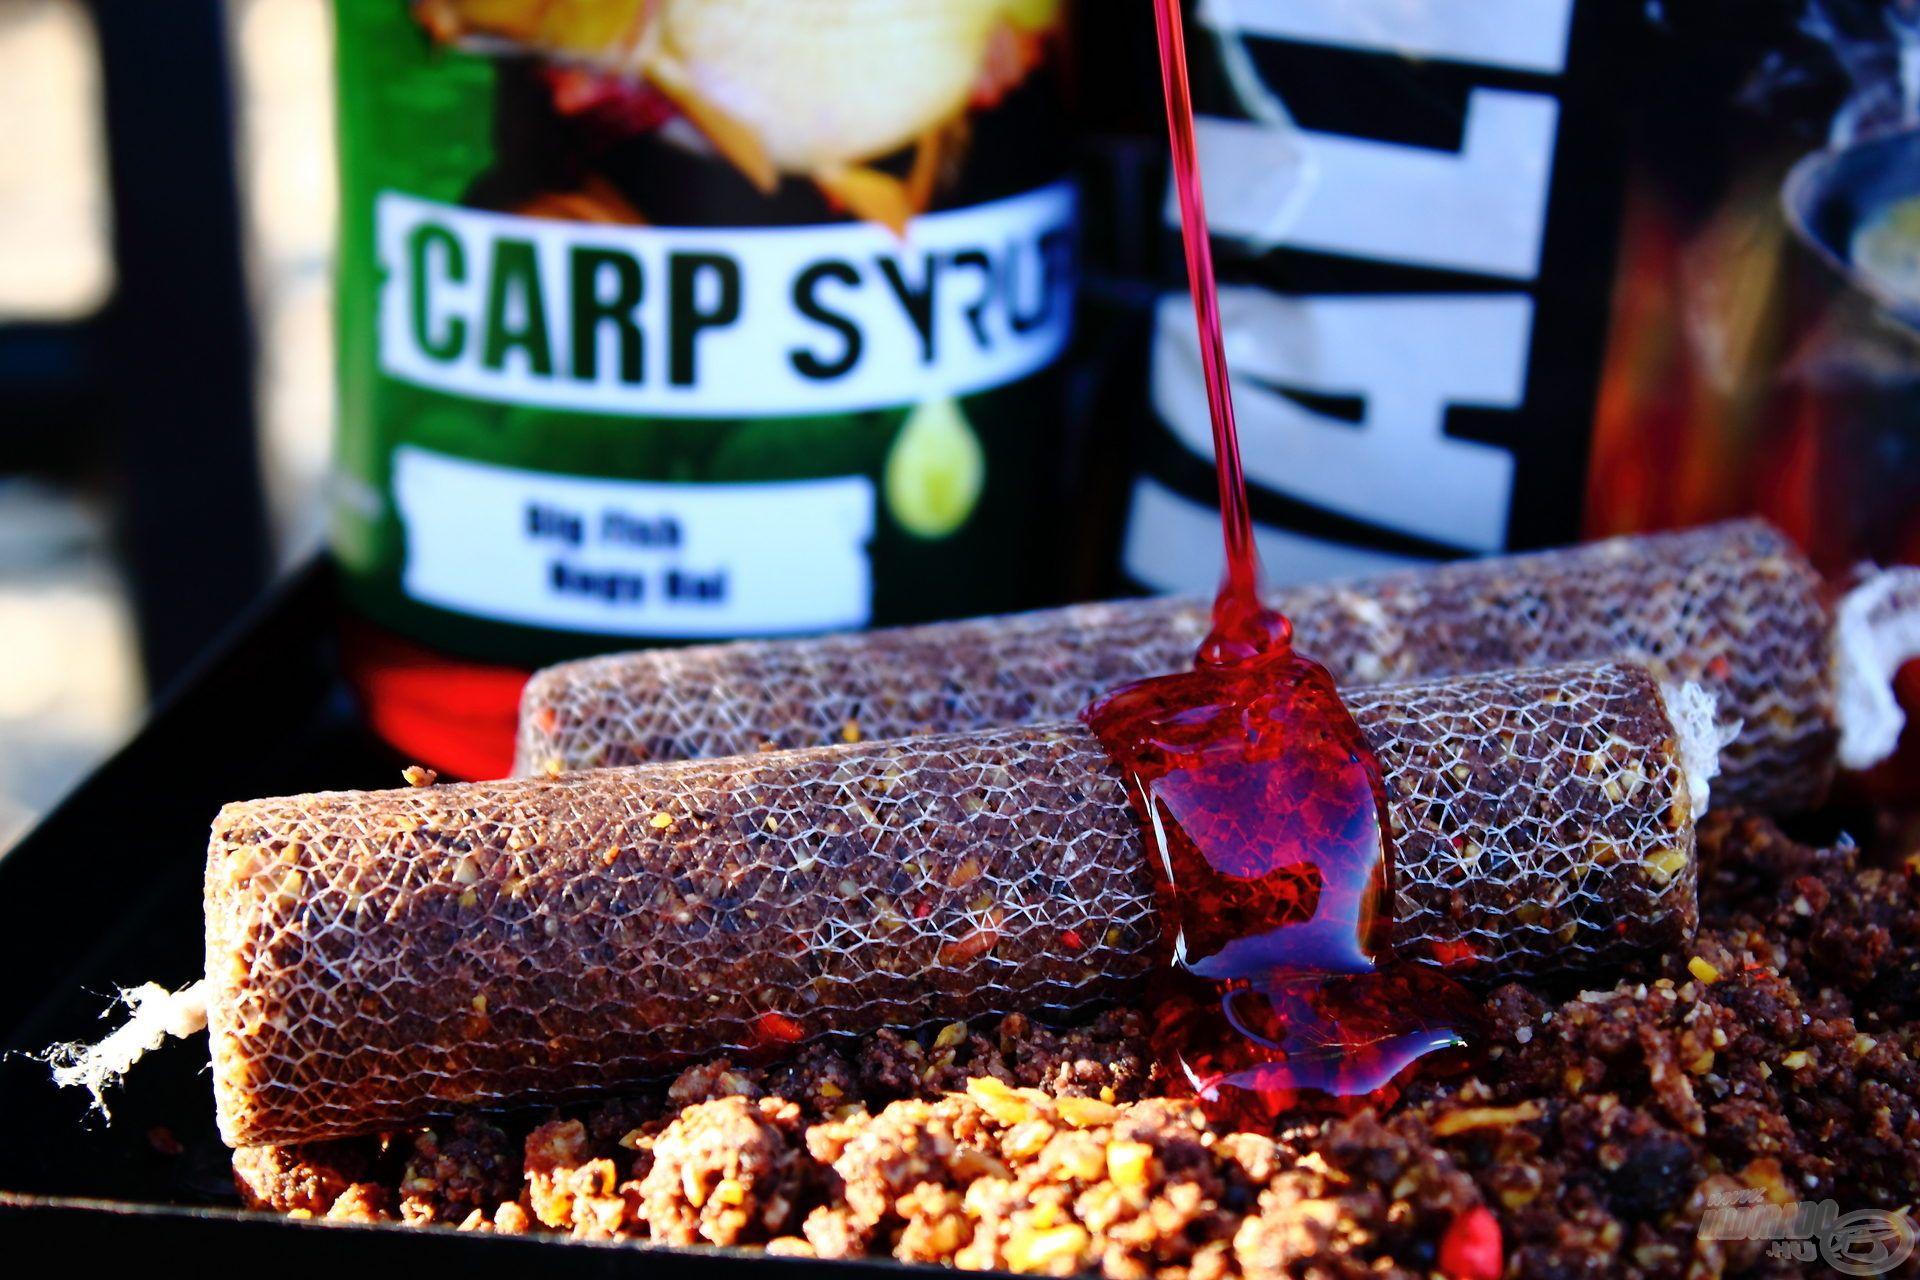 A Carp Syrup segítségével aromázhatjuk utólag, garantáltan nem fogja oldani a háló anyagát